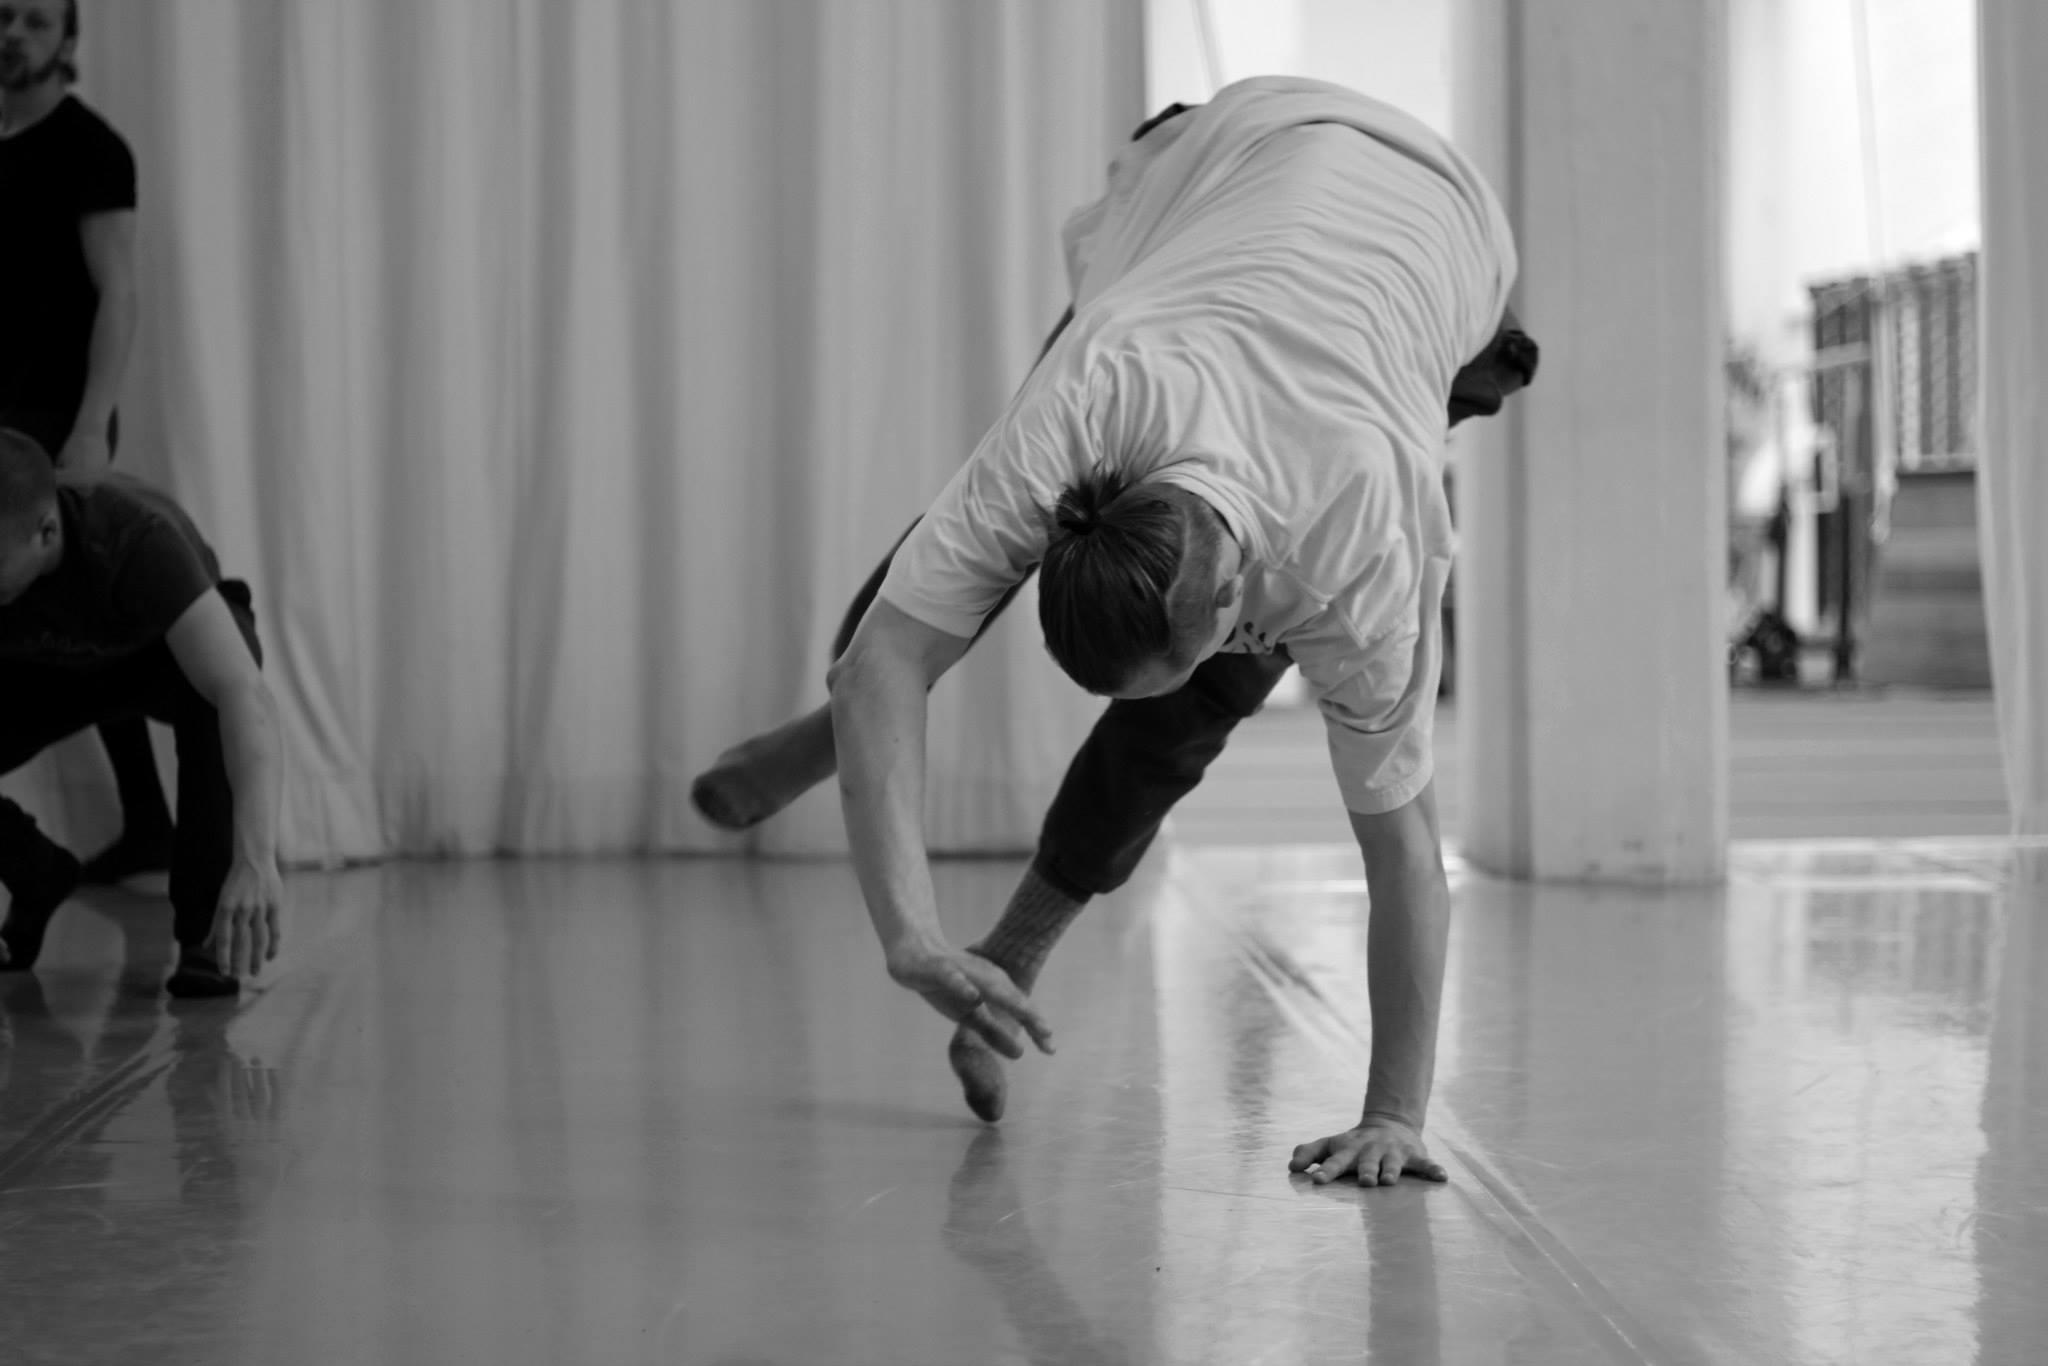 Fra en workshop med Tom Weksler, en kaotisk bevæger med spirituelle rødder i struktureret meditation og opvarmning. Klik = Forstør